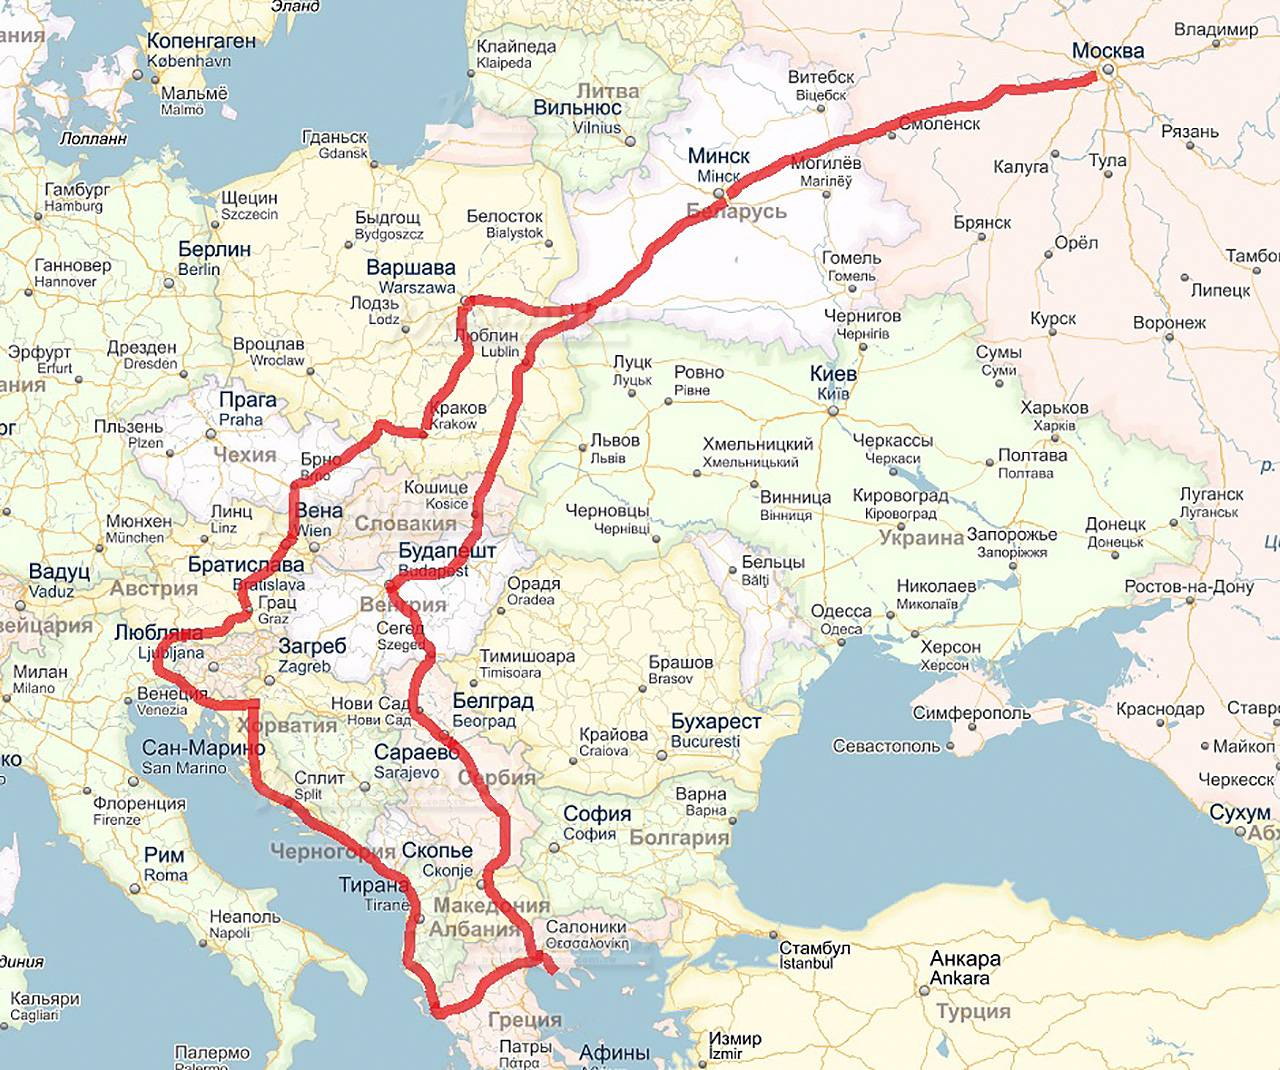 В германию на машине 2021: маршруты, документы, что нужно знать?